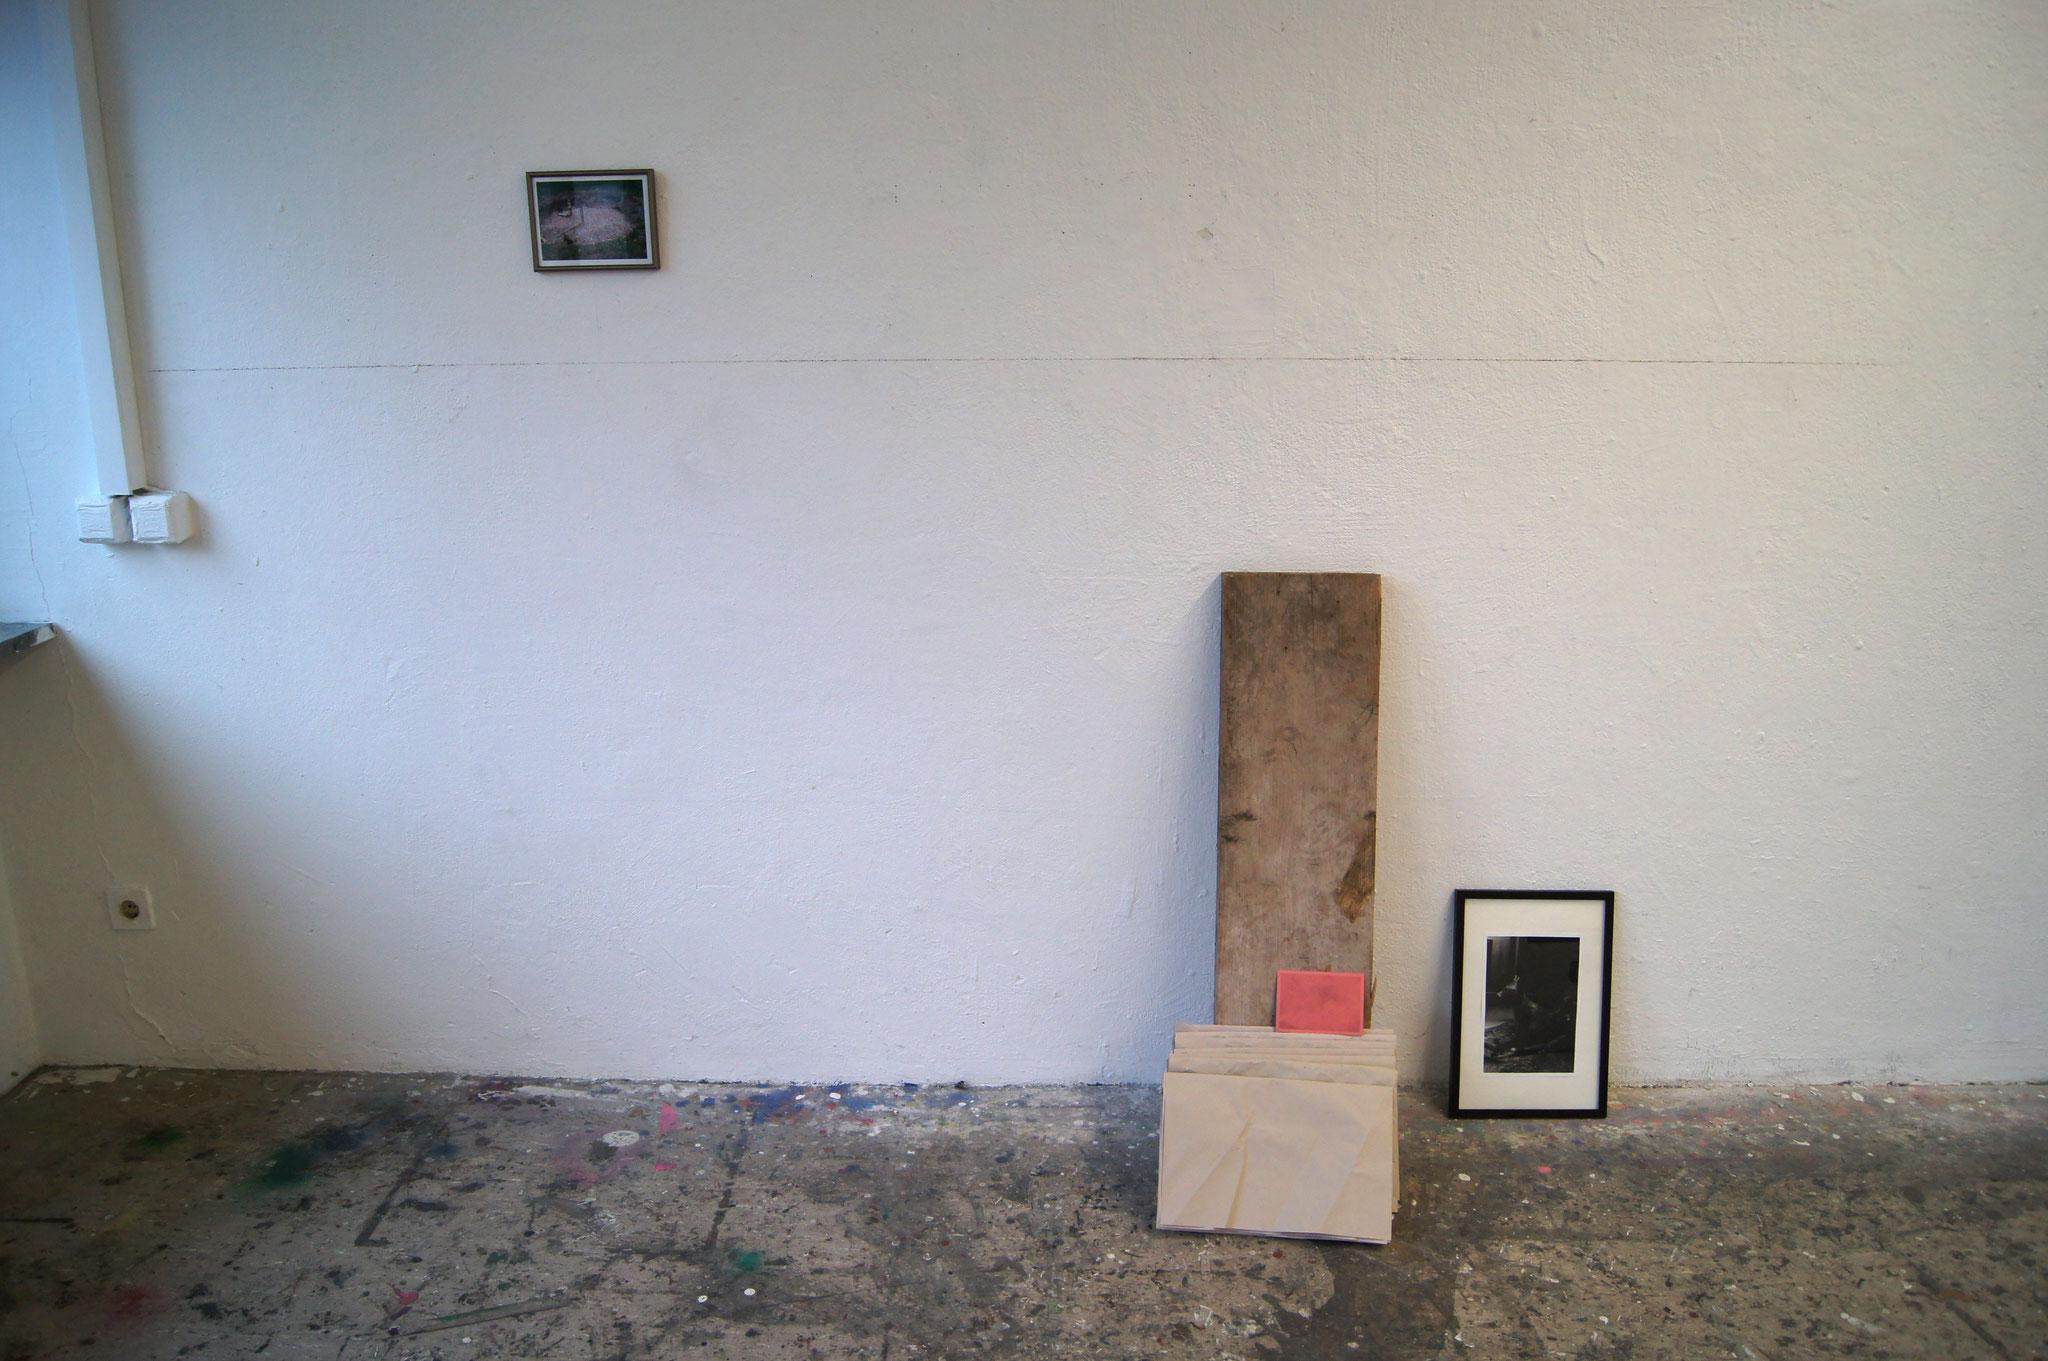 le katz und co, Ausstellungsansicht Rundgang Mainz, in Zusammenarbeit mit Kevin Monot mehrtelige Installation, Holz, Foto im Plastikrahmen, Kreidelinie auf der Wand, Analogfotografie auf Baryhtpapier, Holzrahmen,  Holzplatte, Schrift auf Papier, Schraubzw